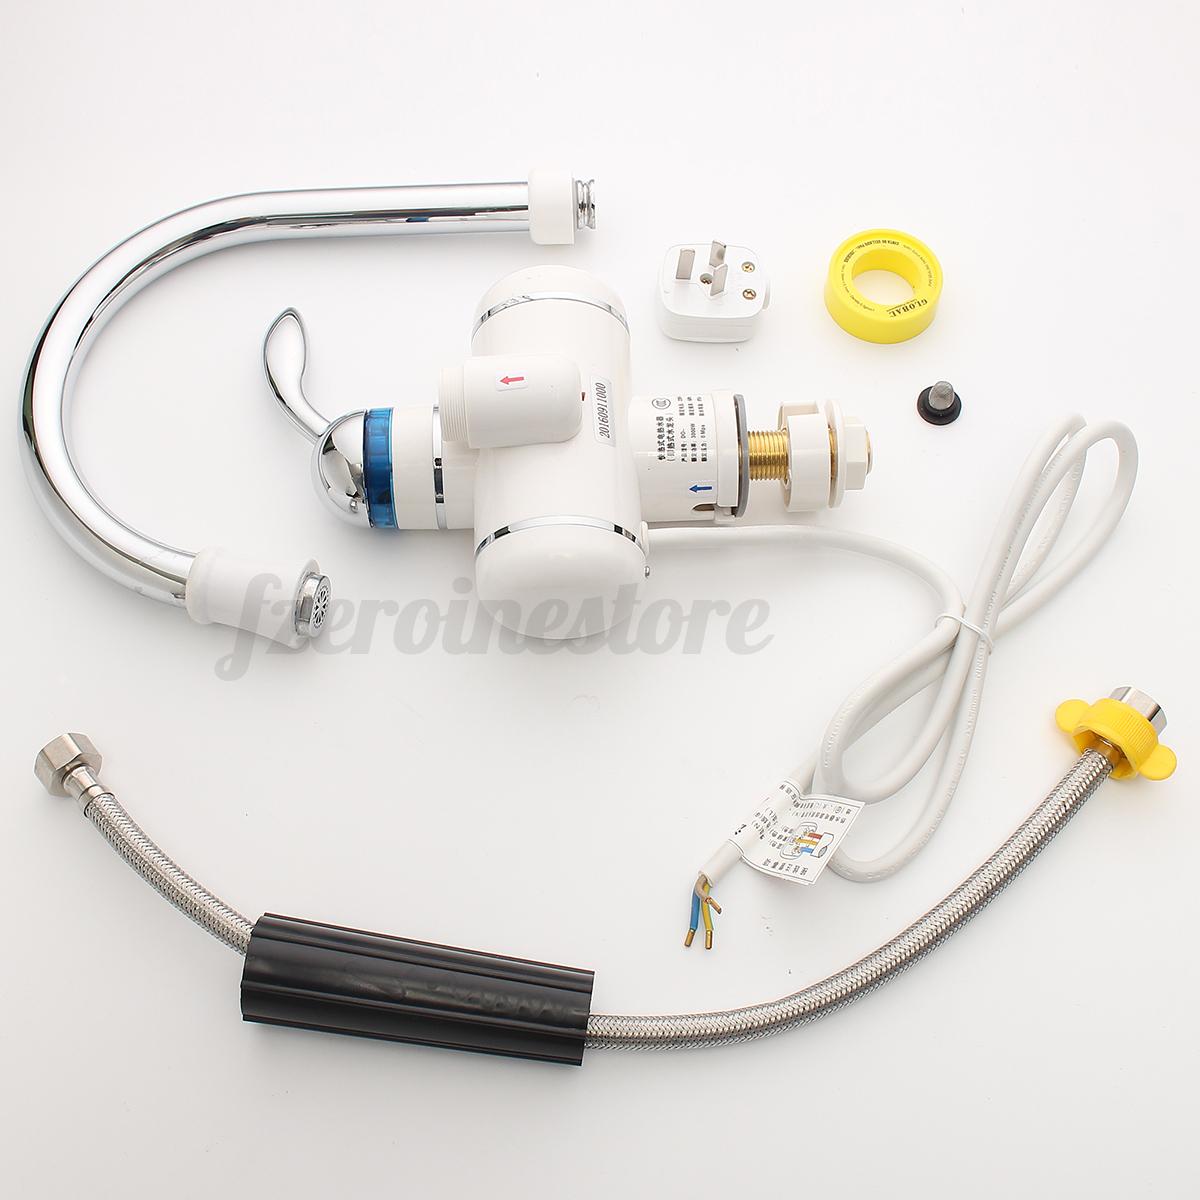 elektrische durchlauferhitzer armatur wasserhahn bad k che sp ltisch 3000w 220v ebay. Black Bedroom Furniture Sets. Home Design Ideas